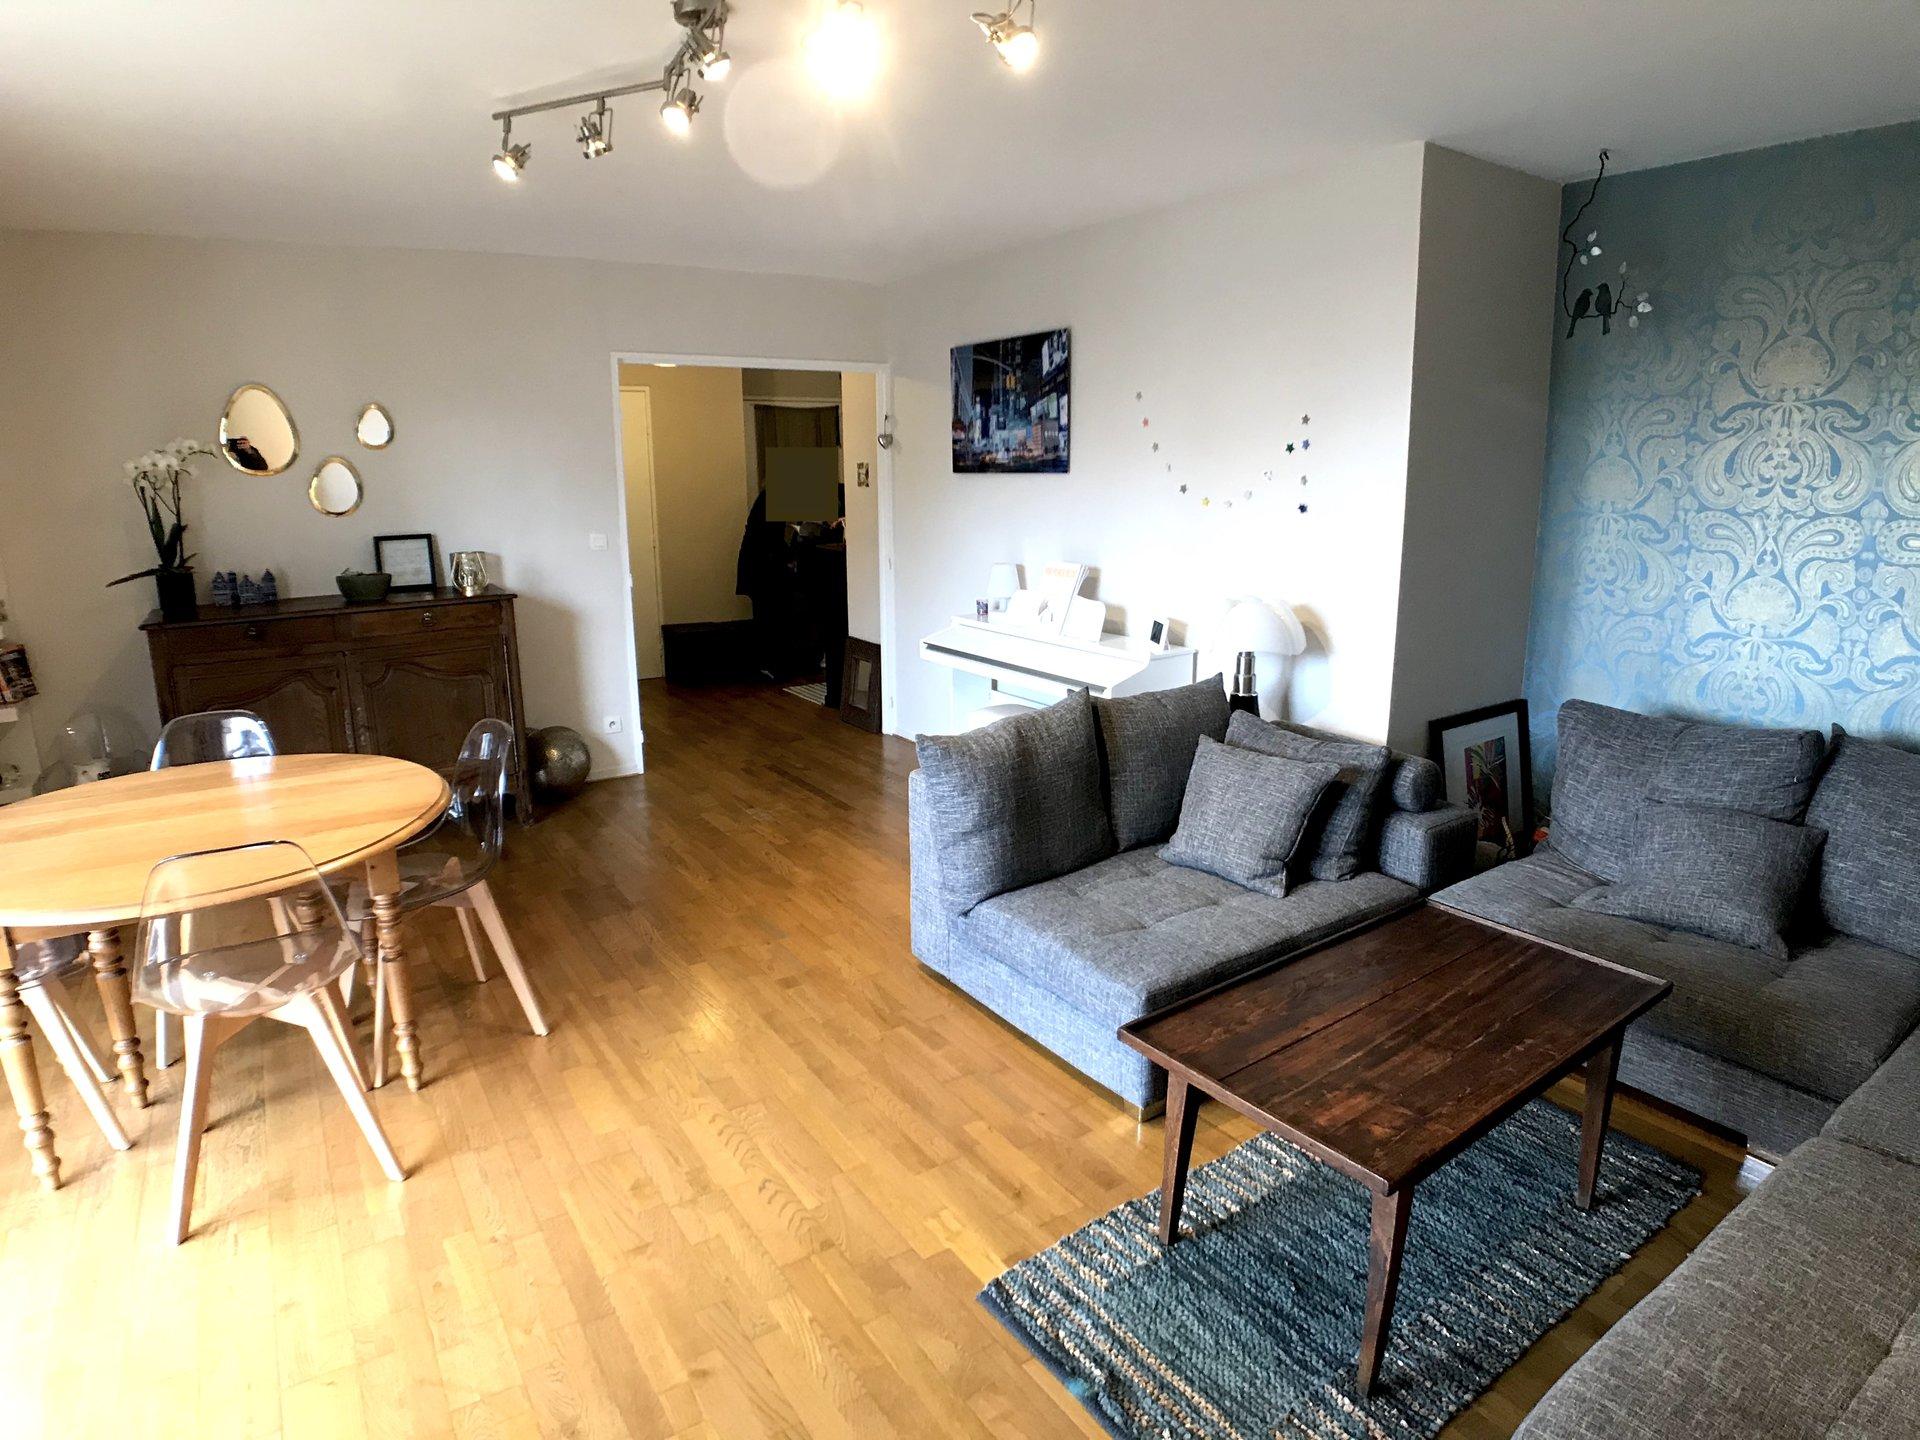 Appartement Bois-Guillaume de type T4